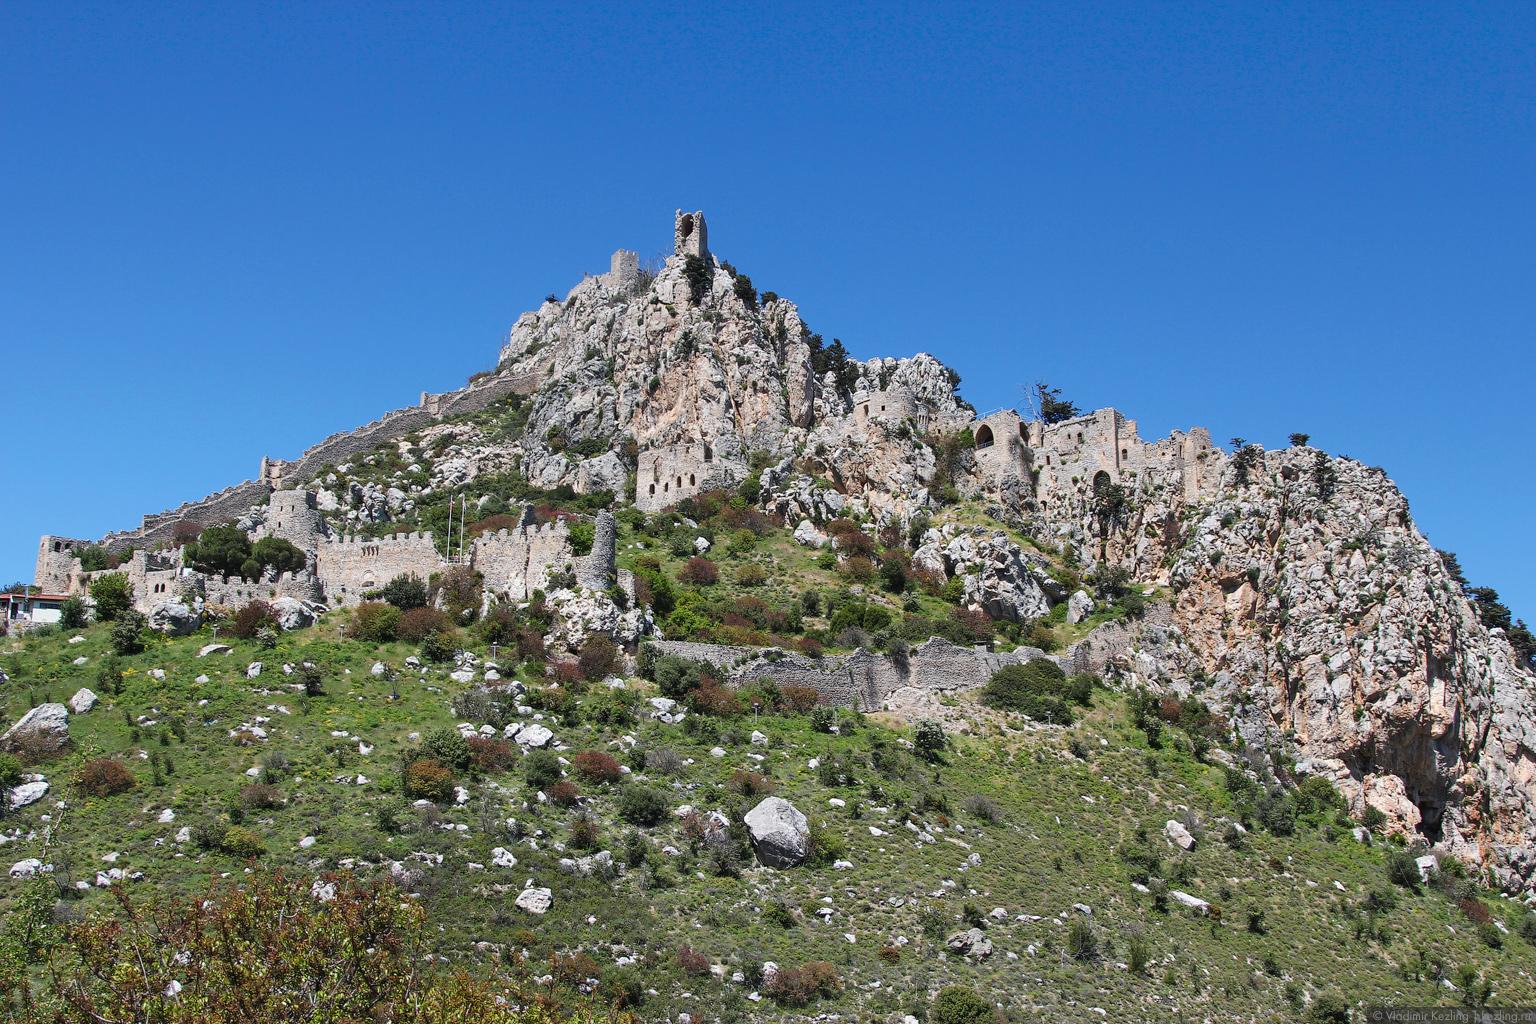 Остров Кипр. Северный Кипр. Замок Святого Иллариона